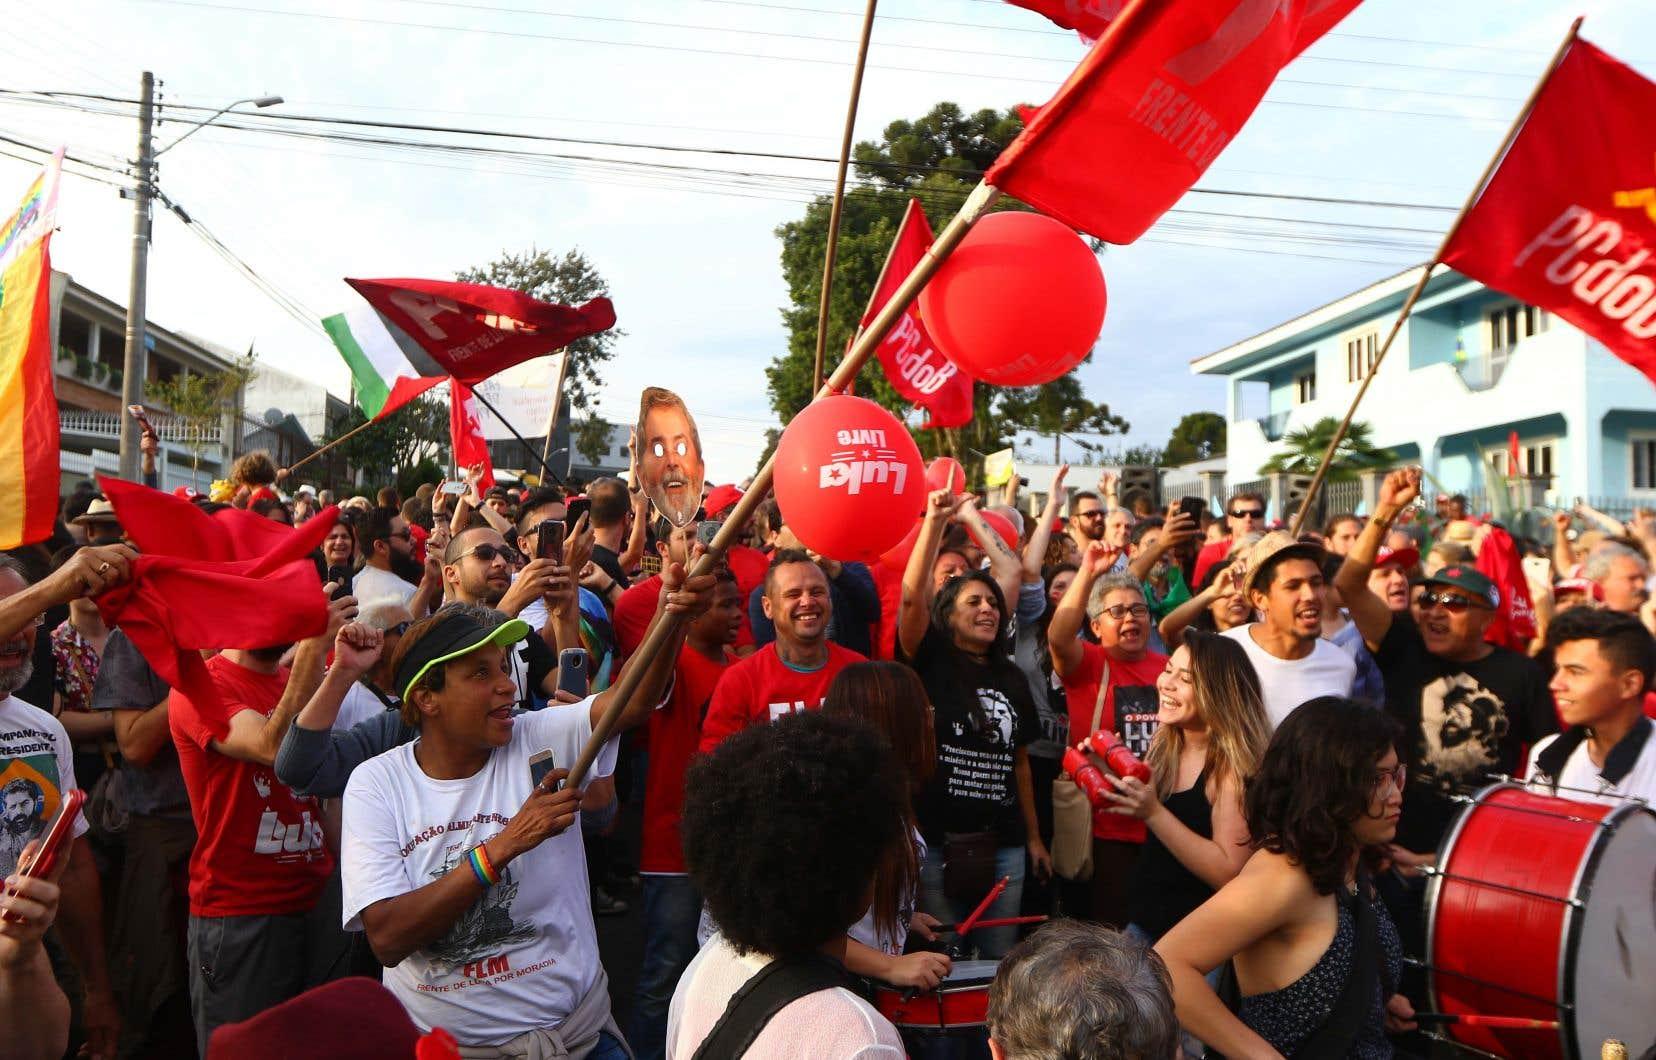 Tandis que les partisans de Lula commençaient déjà à fêter sa libération imminente trois mois après son incarcération pour corruption, le juge Joao Pedro Gebran Neto de la cour d'appel TRF4 a décidé de le maintenir en prison.